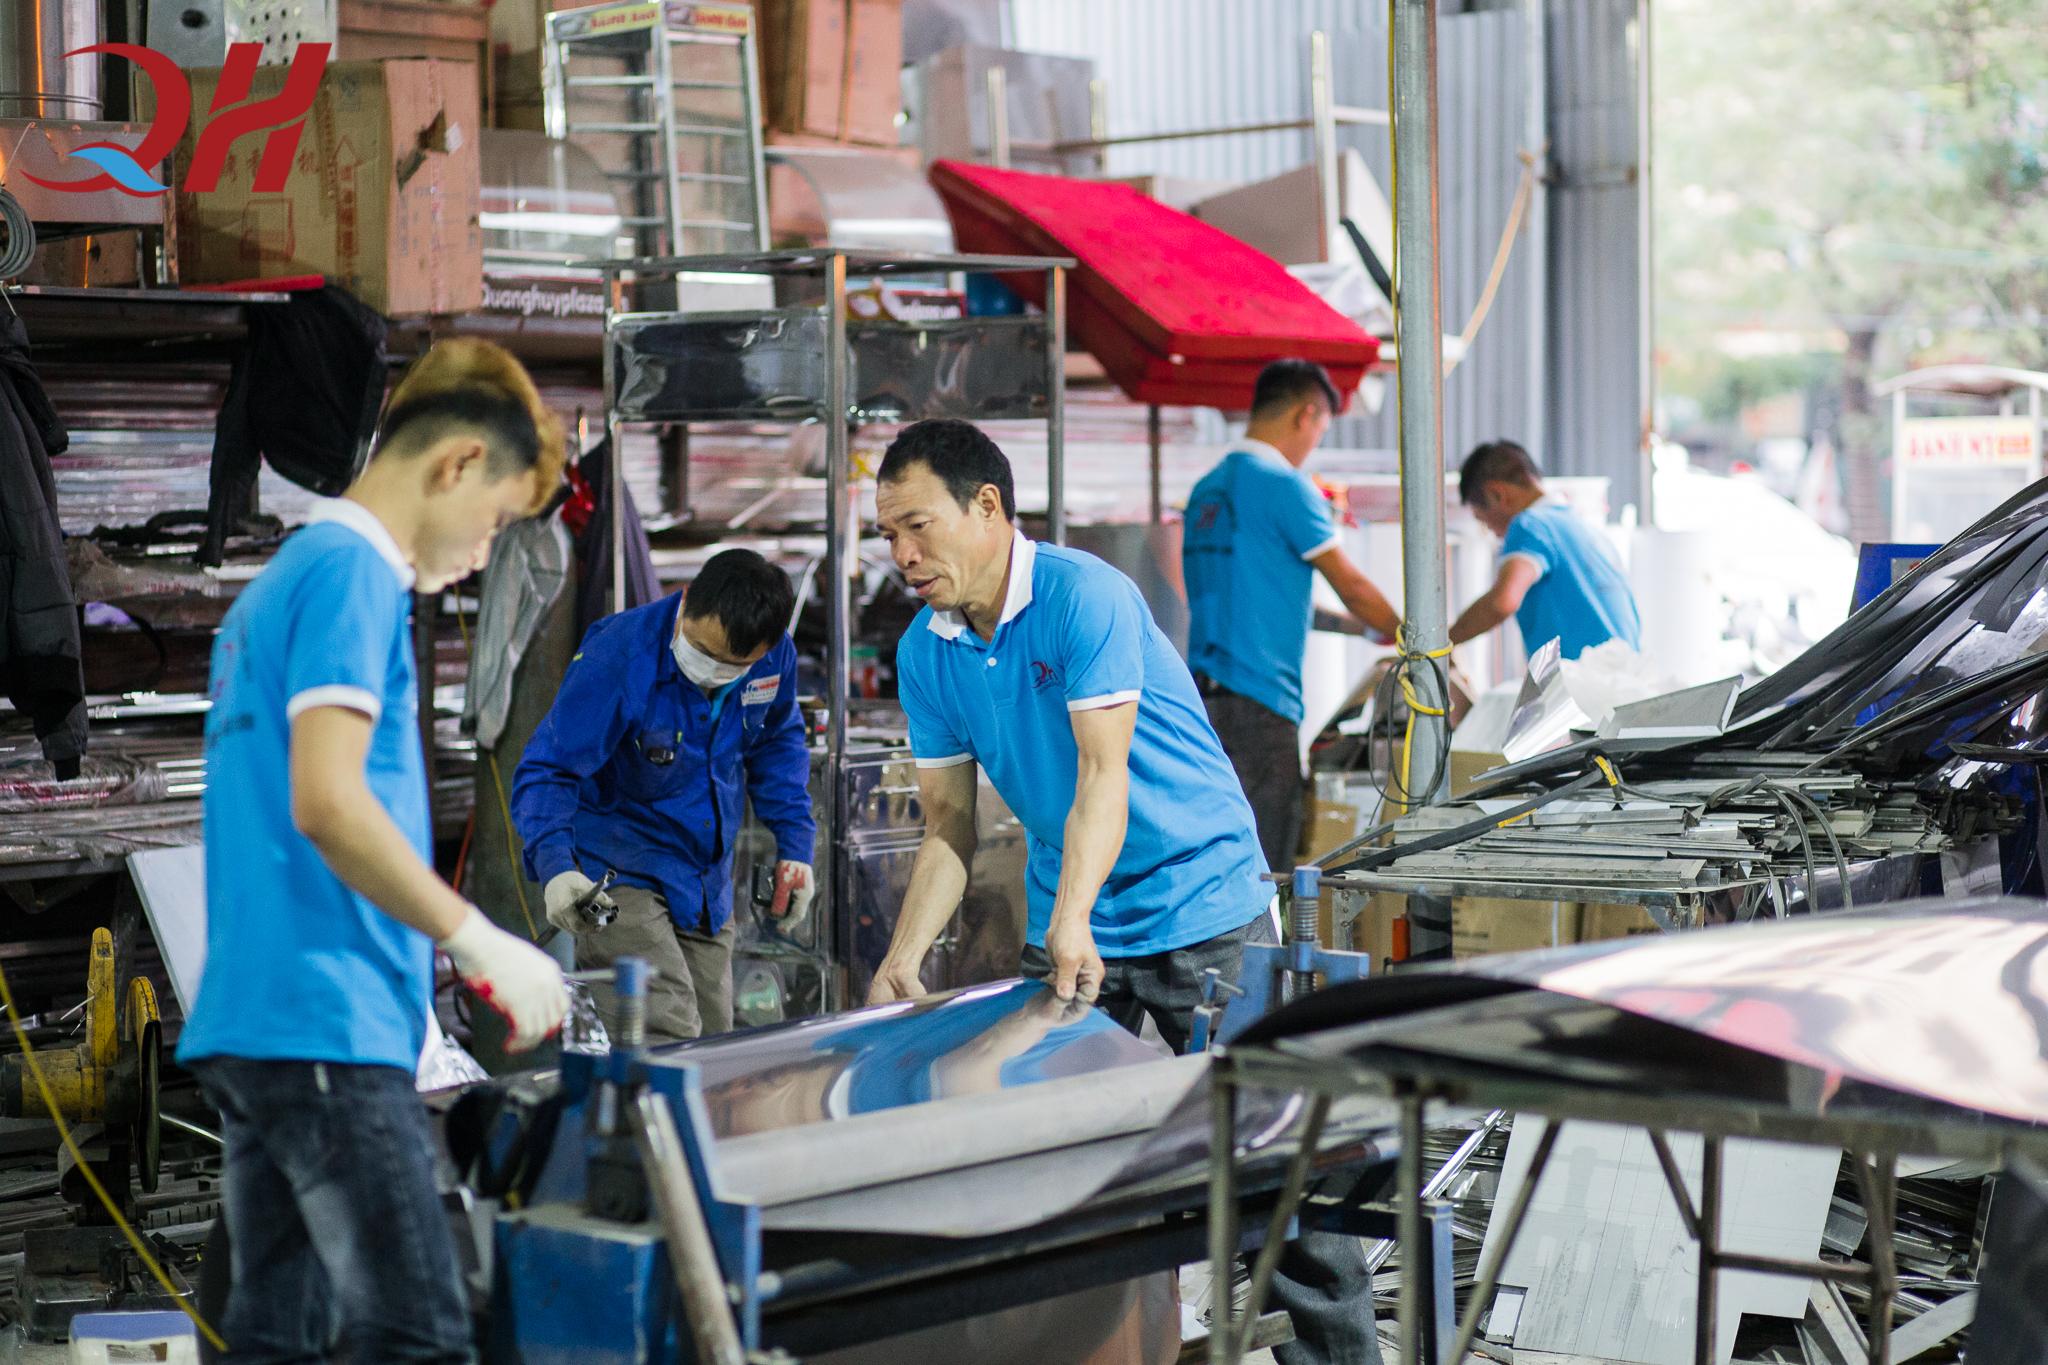 Hãy đến với xưởng cơ khí Quang Huy để có thể đặt ngay cho mình một chiếc xe bánh mì